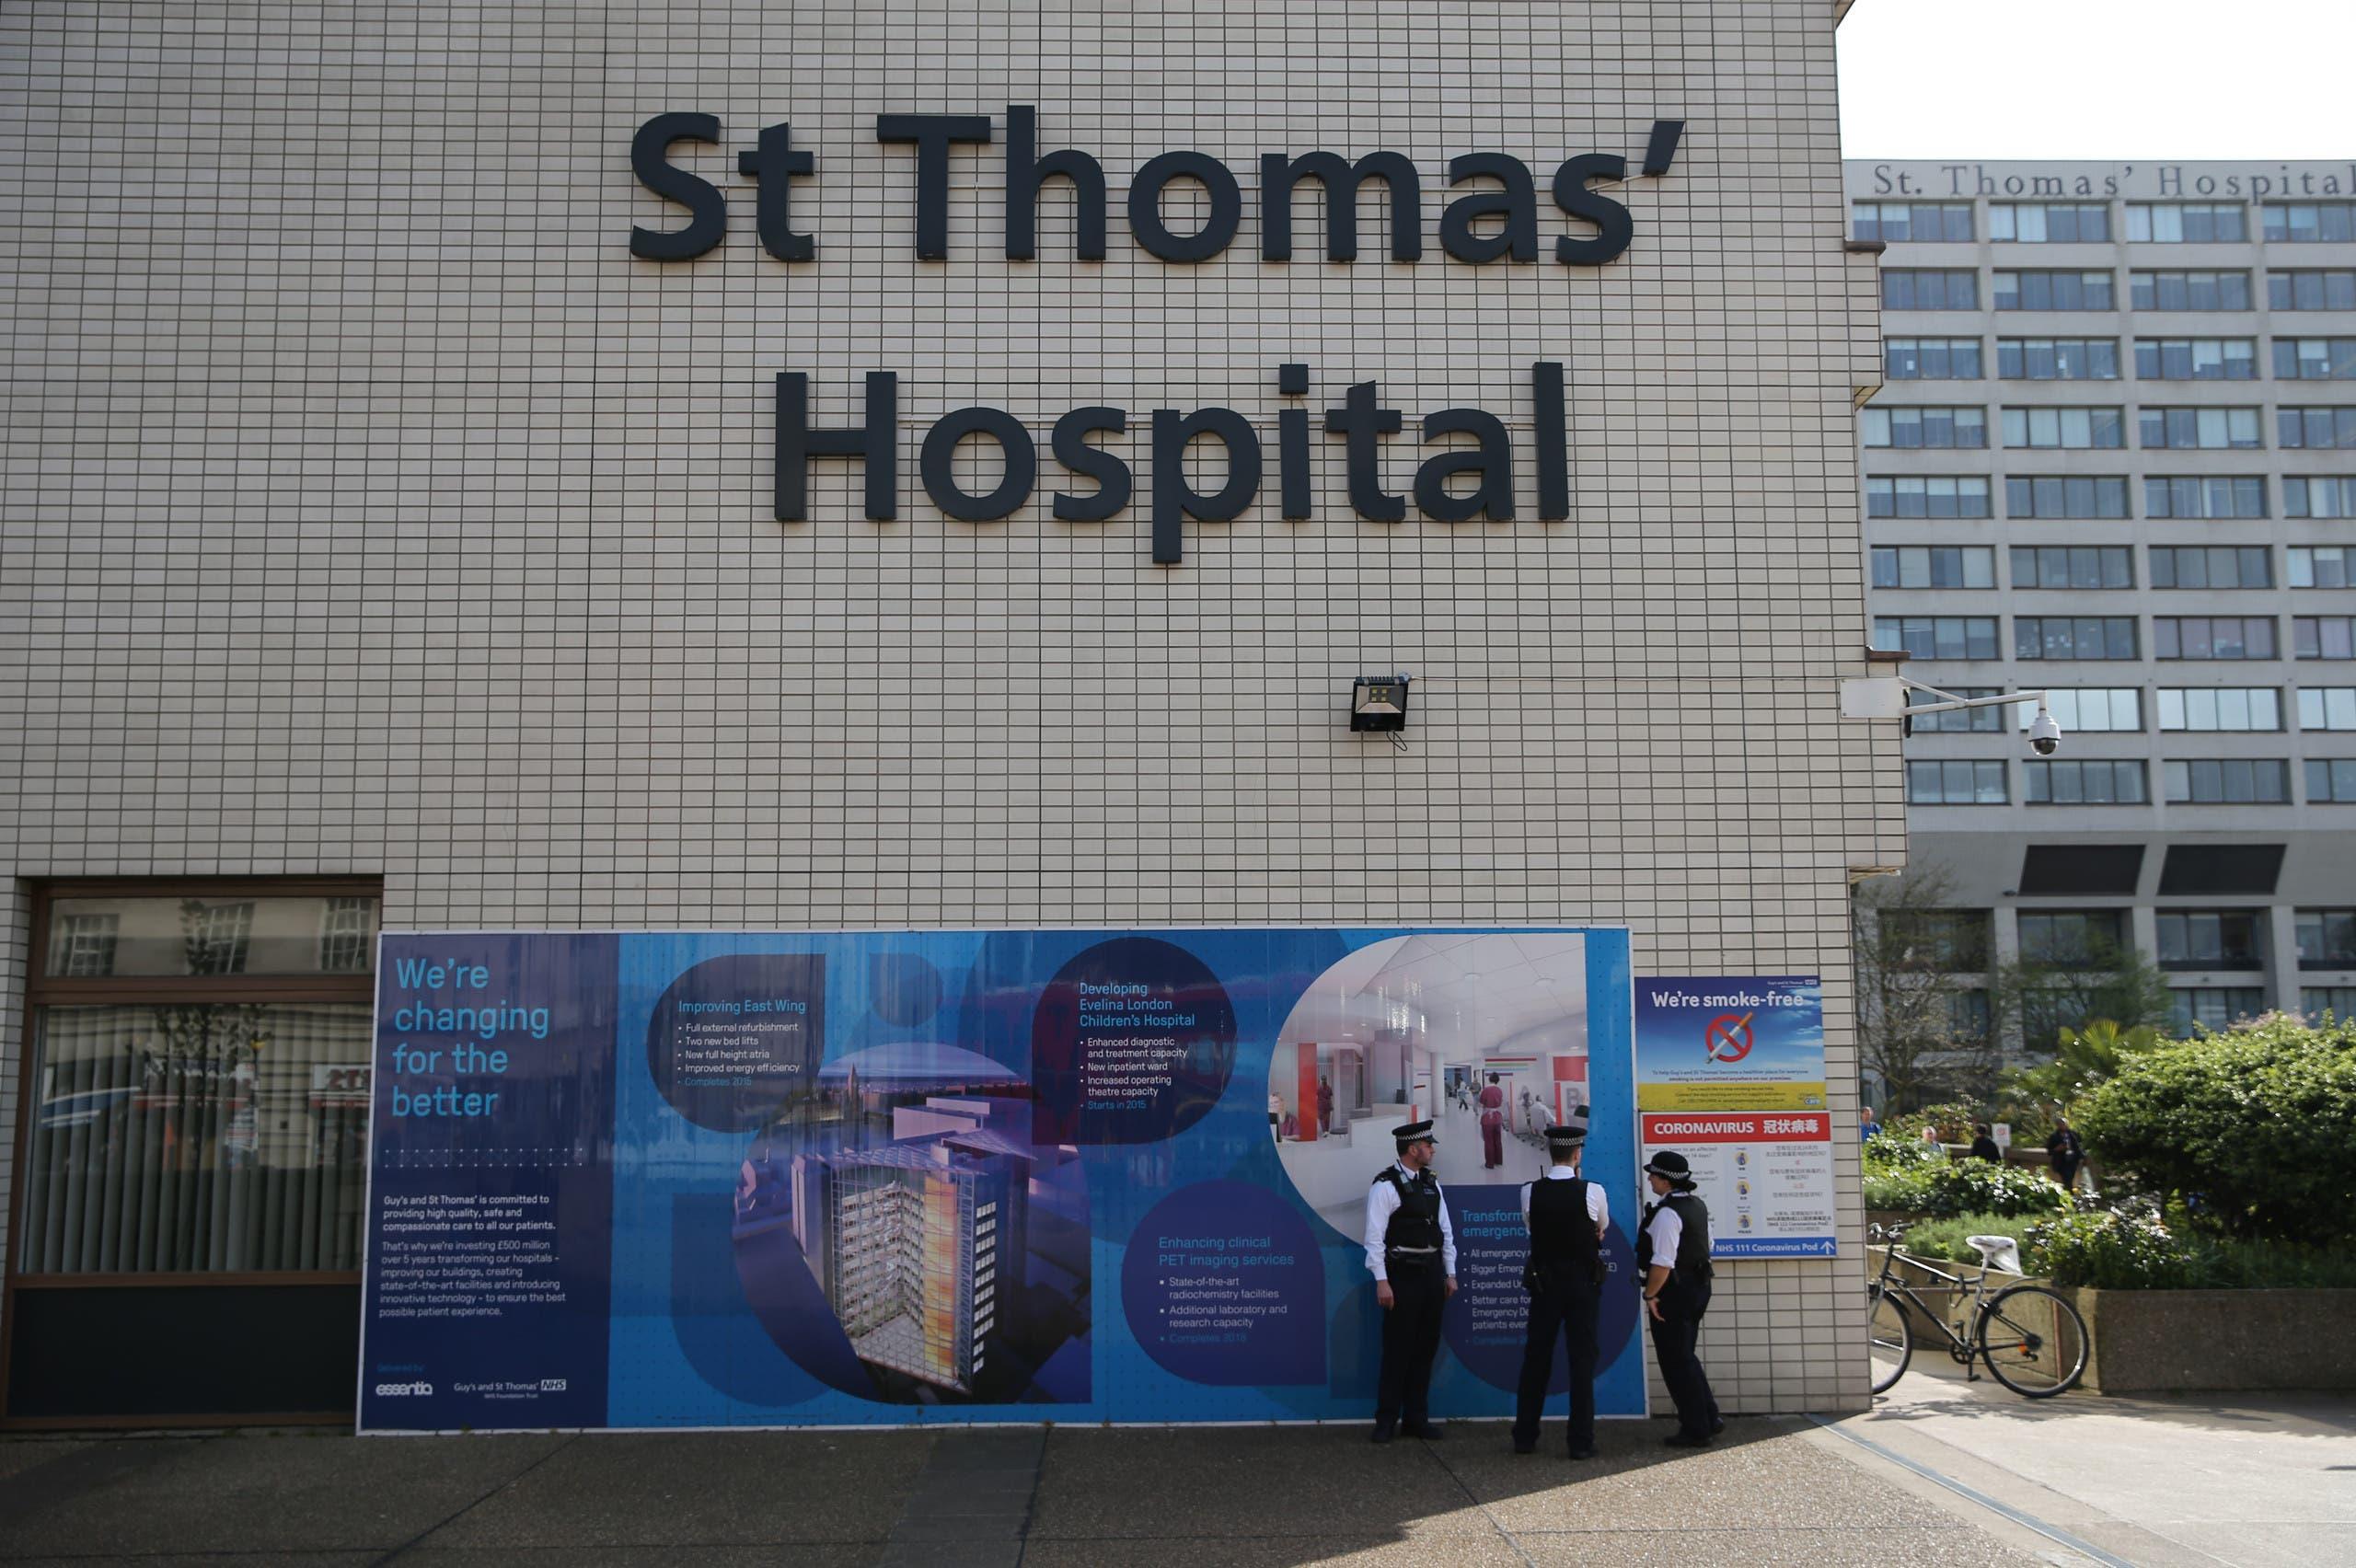 مستشفى سانت توماس حيث يمضي بوريس فترة علاجه(فرانس برس)